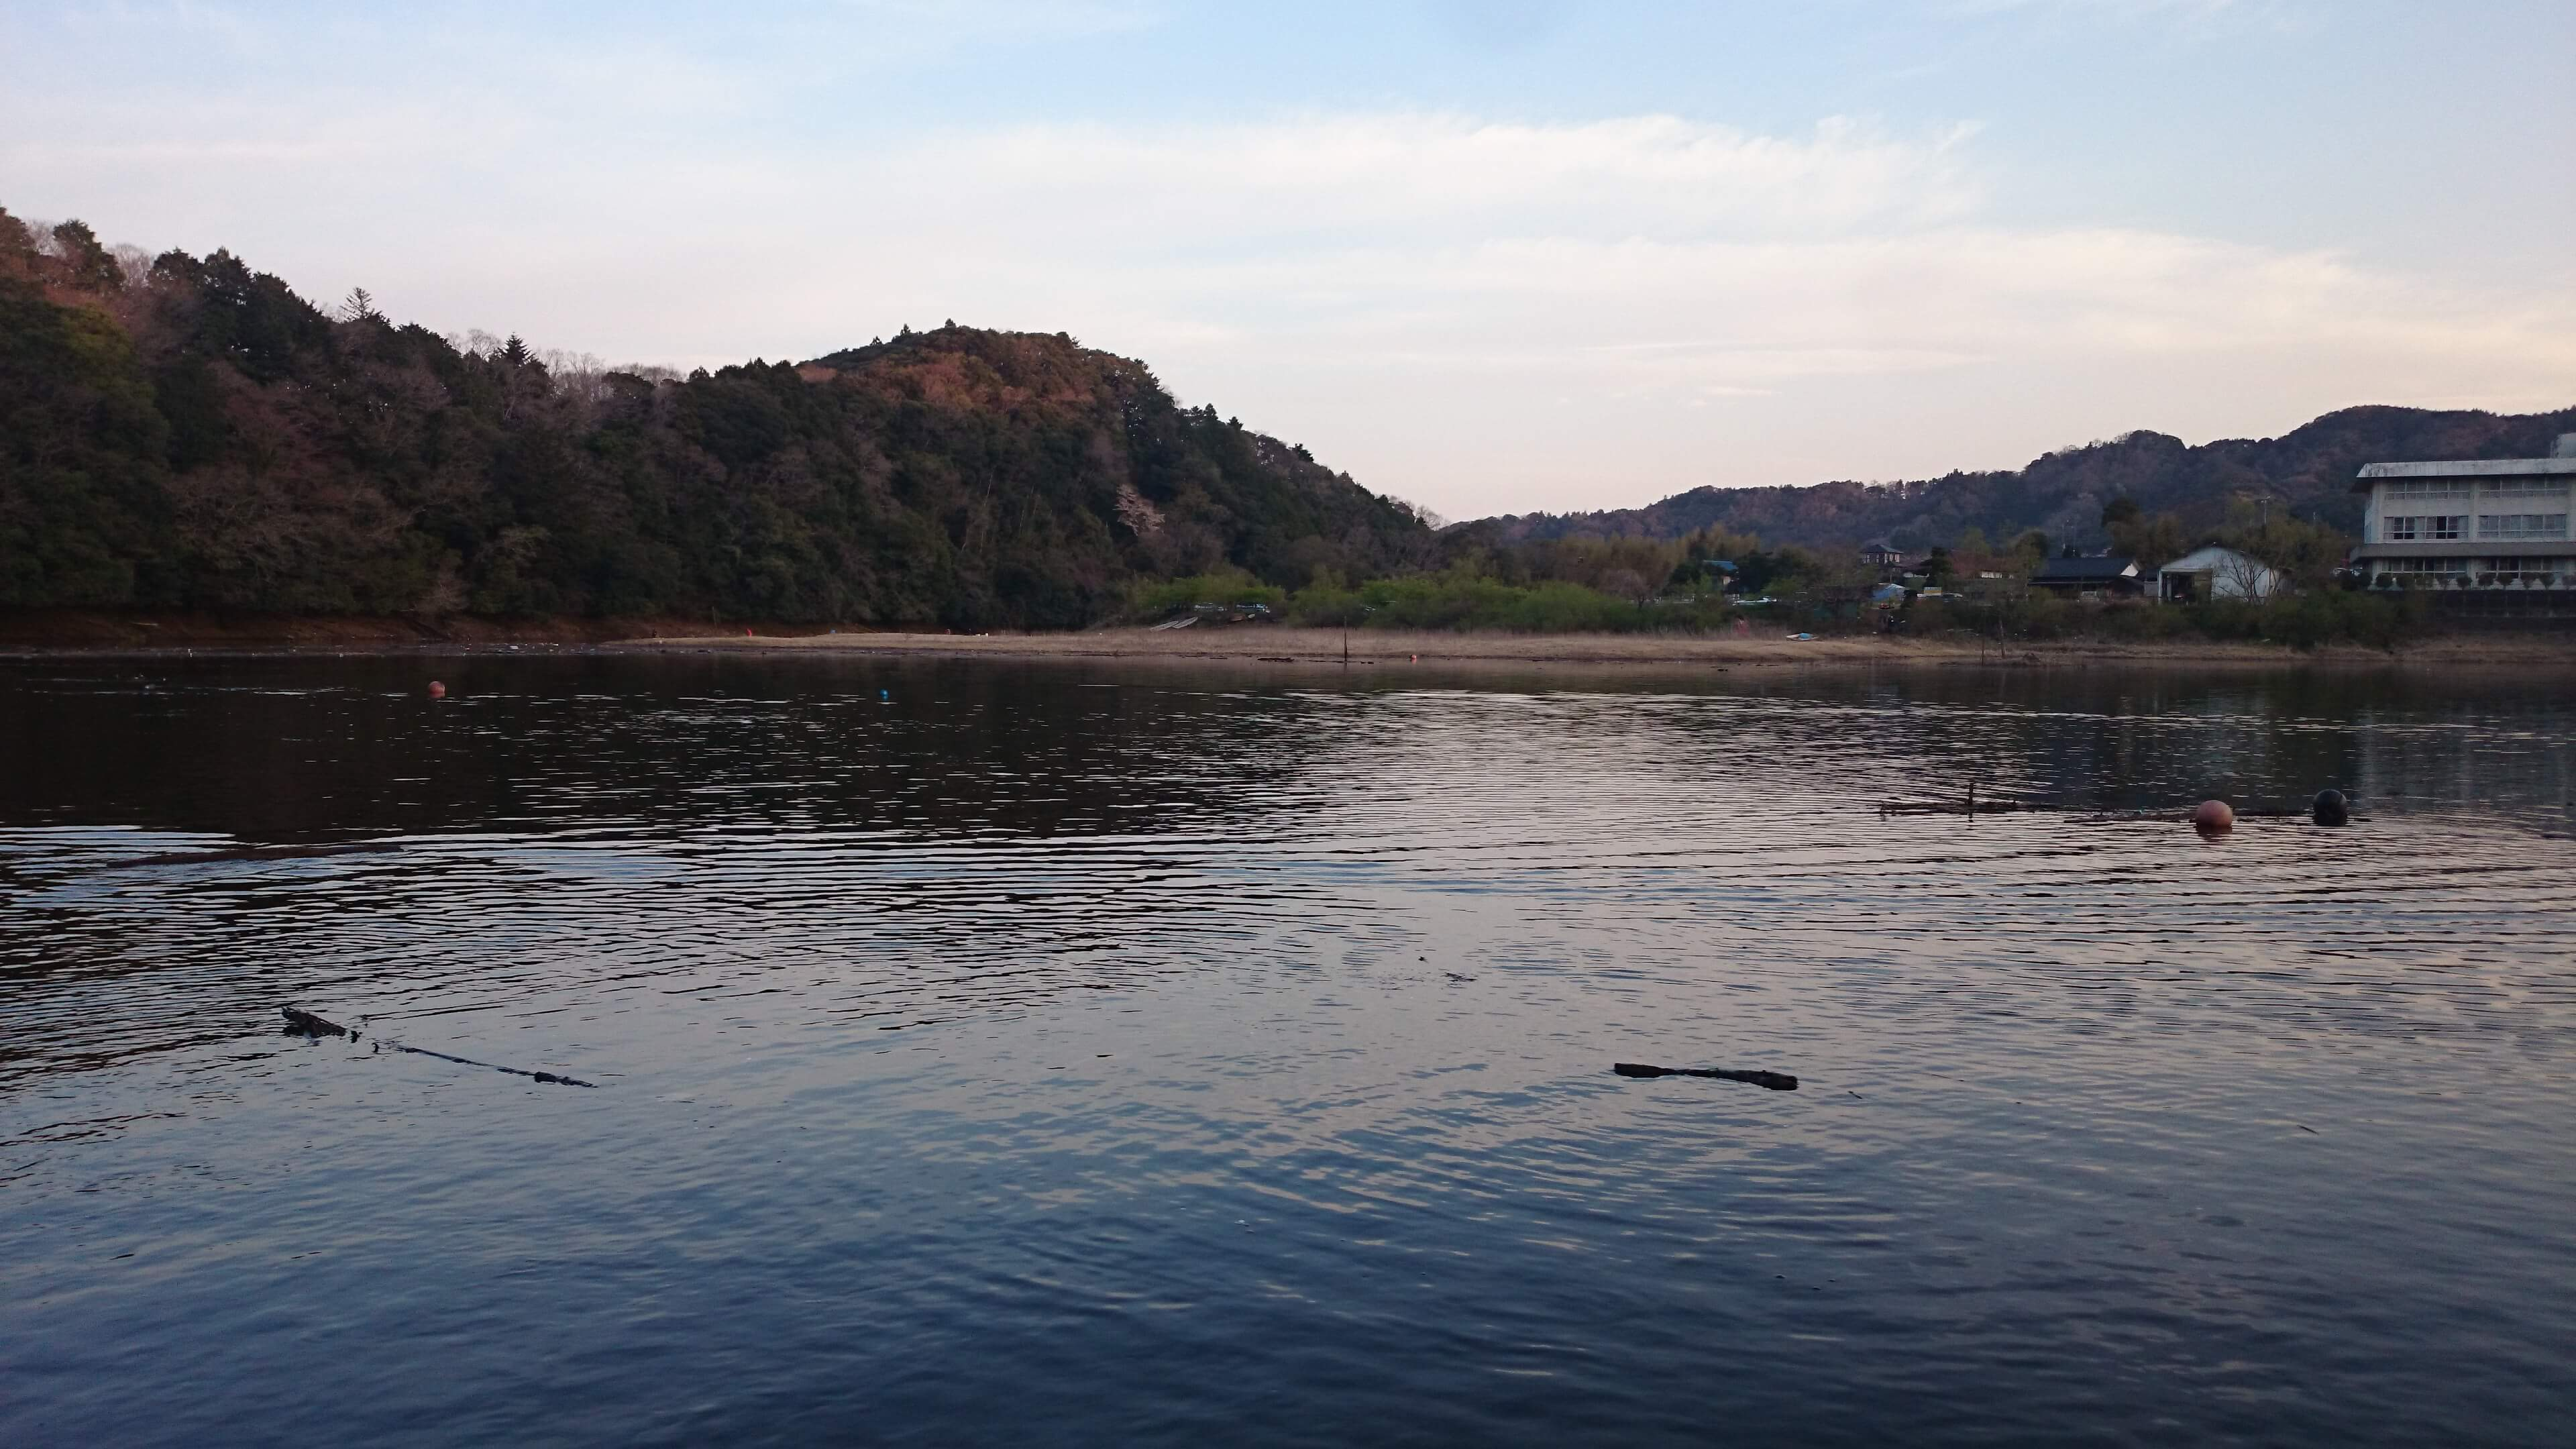 4月初旬。春爆期待した三島湖でボウズだった話。